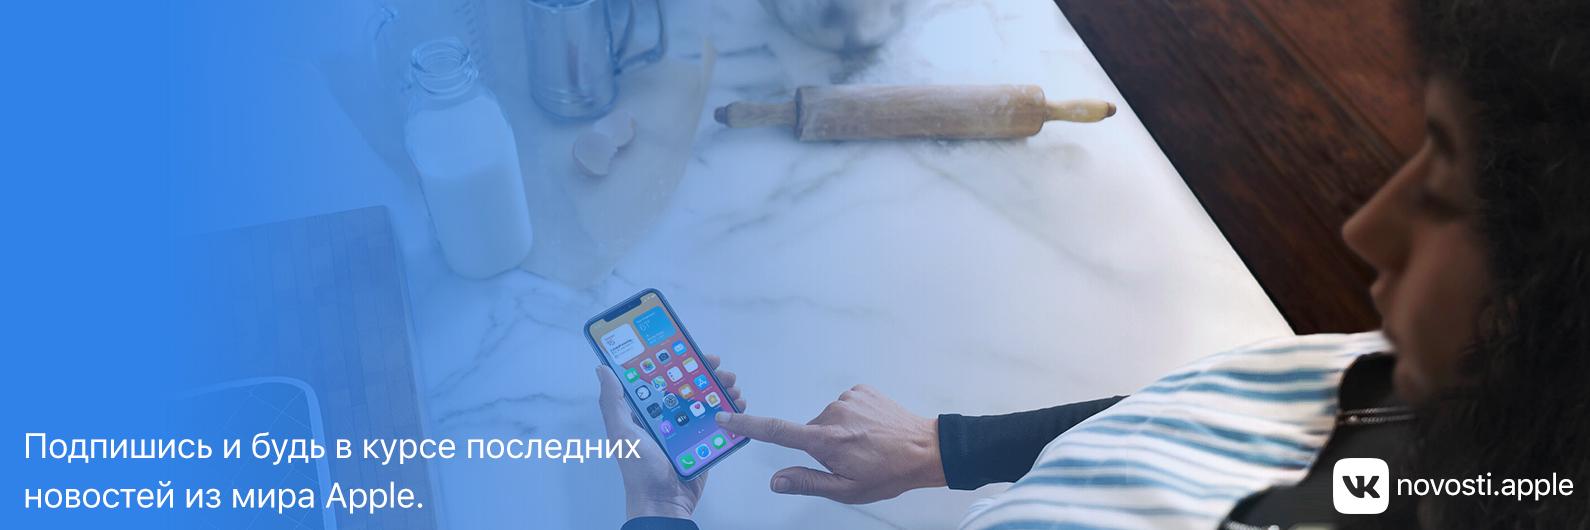 Новости Apple ВКонтакте